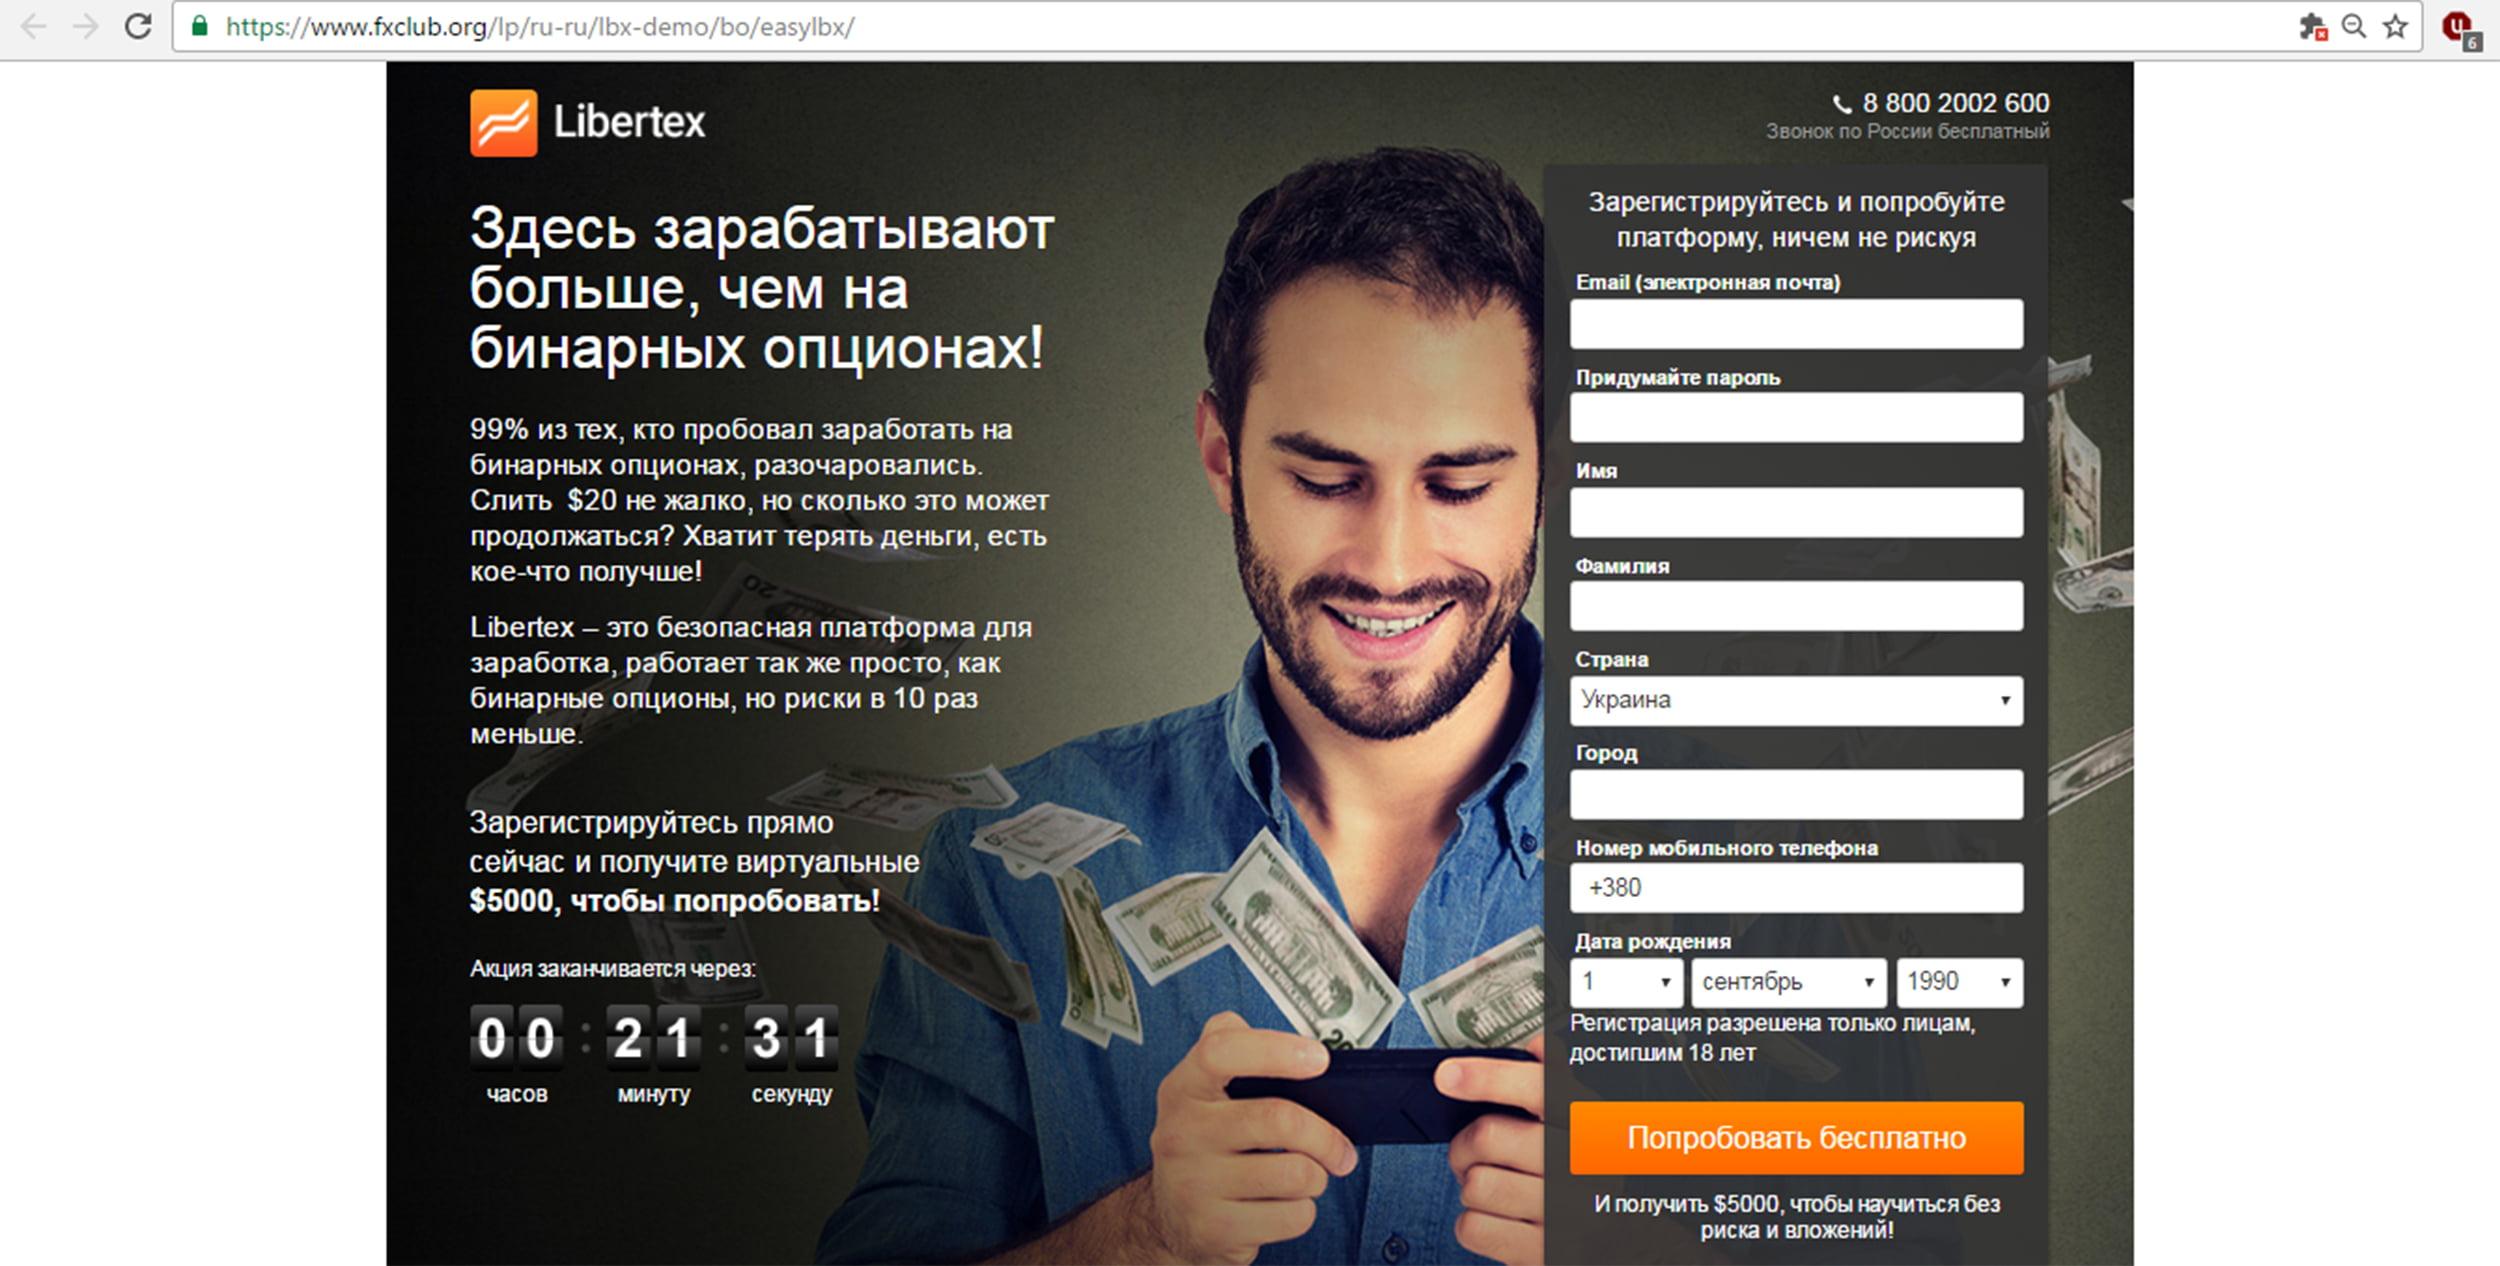 сервис Libertex на Форекс Клуб